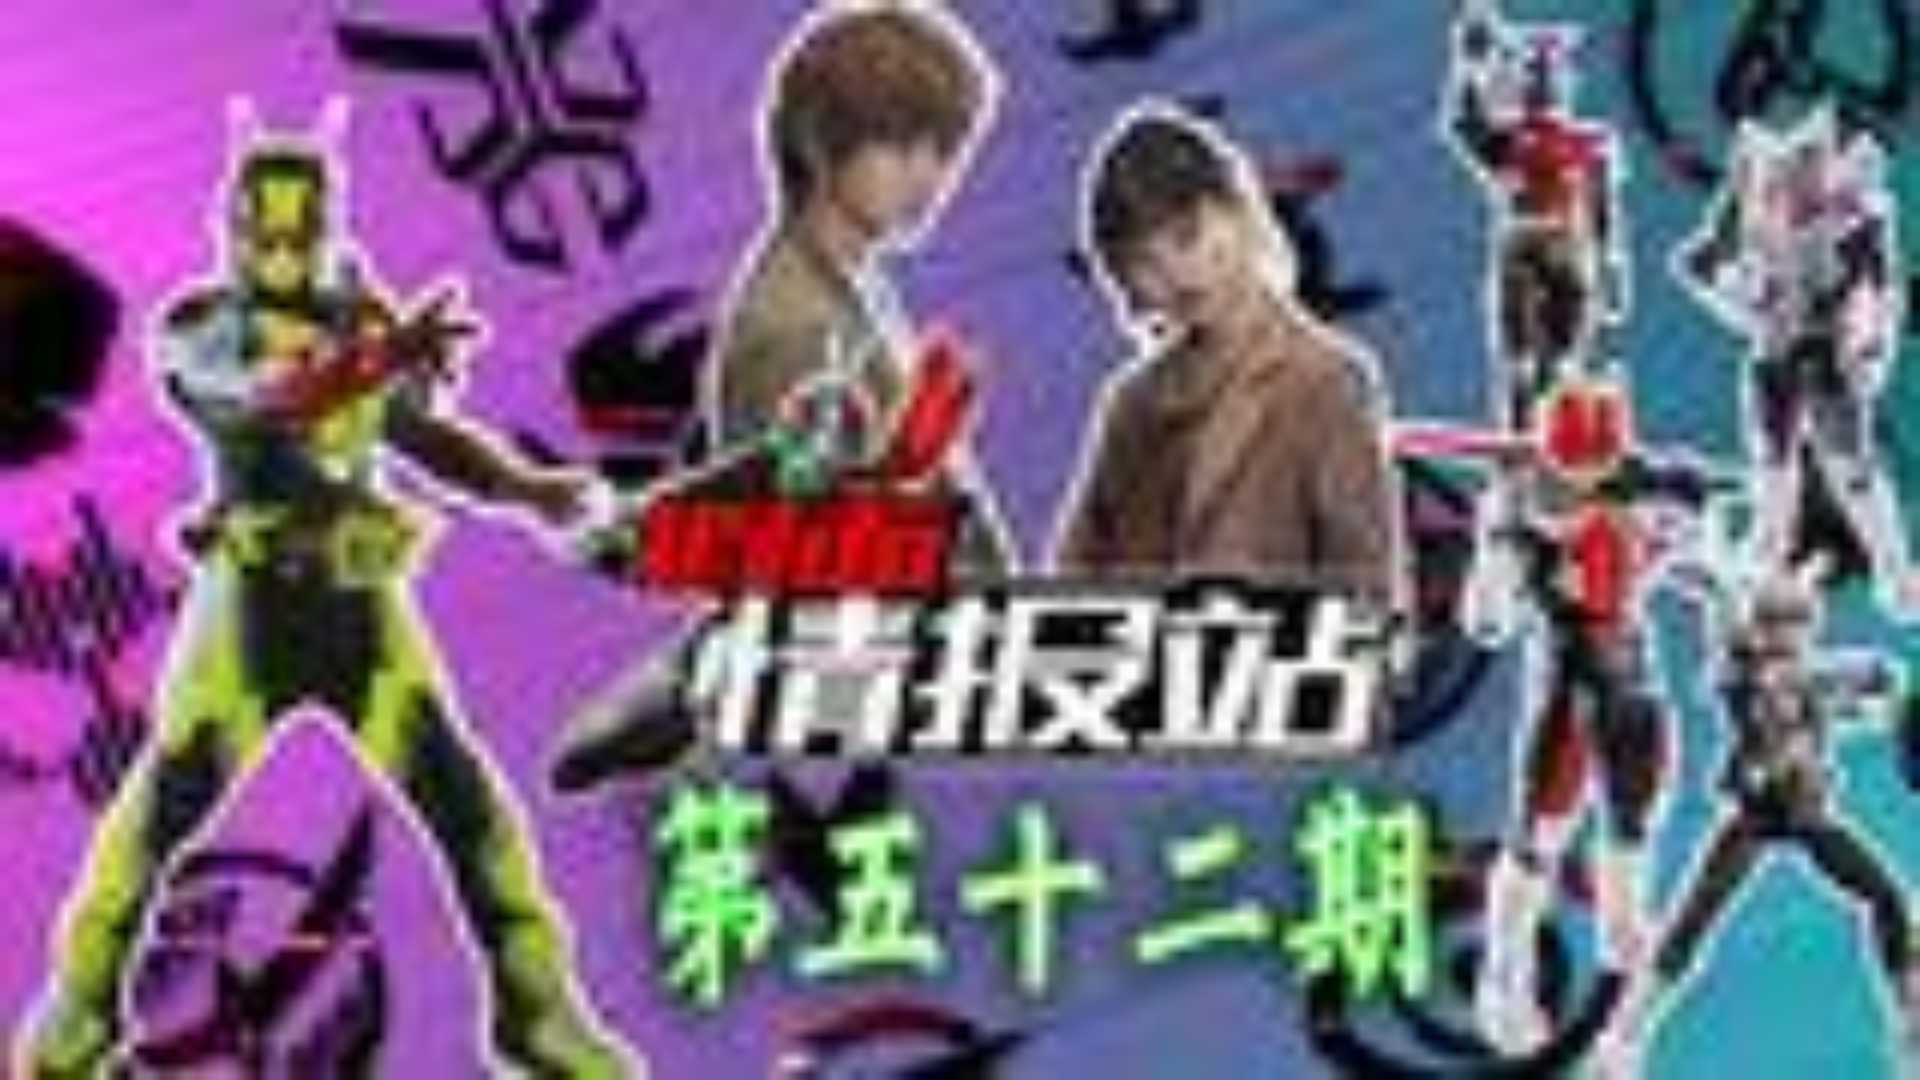 【假面情报站-第52期】01新形态曝光 伊兹携众人走秀